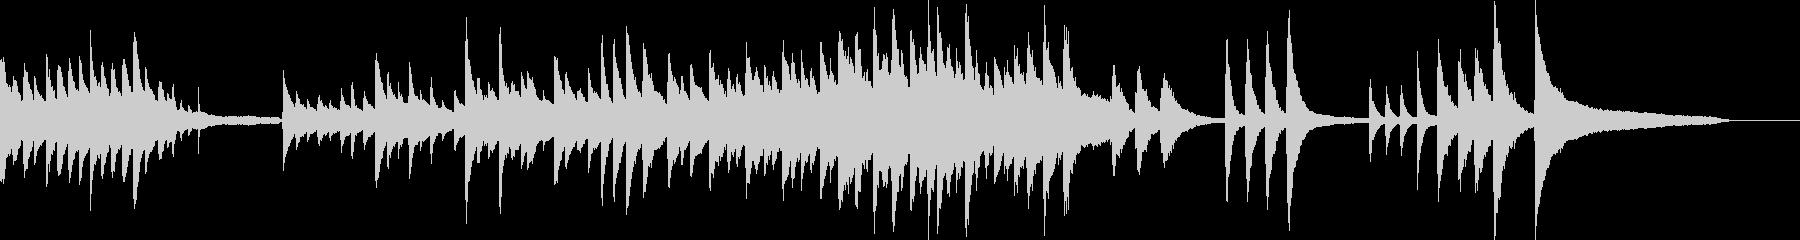 映像シーン・ゆったり感動的ソロ生ピアノ2の未再生の波形